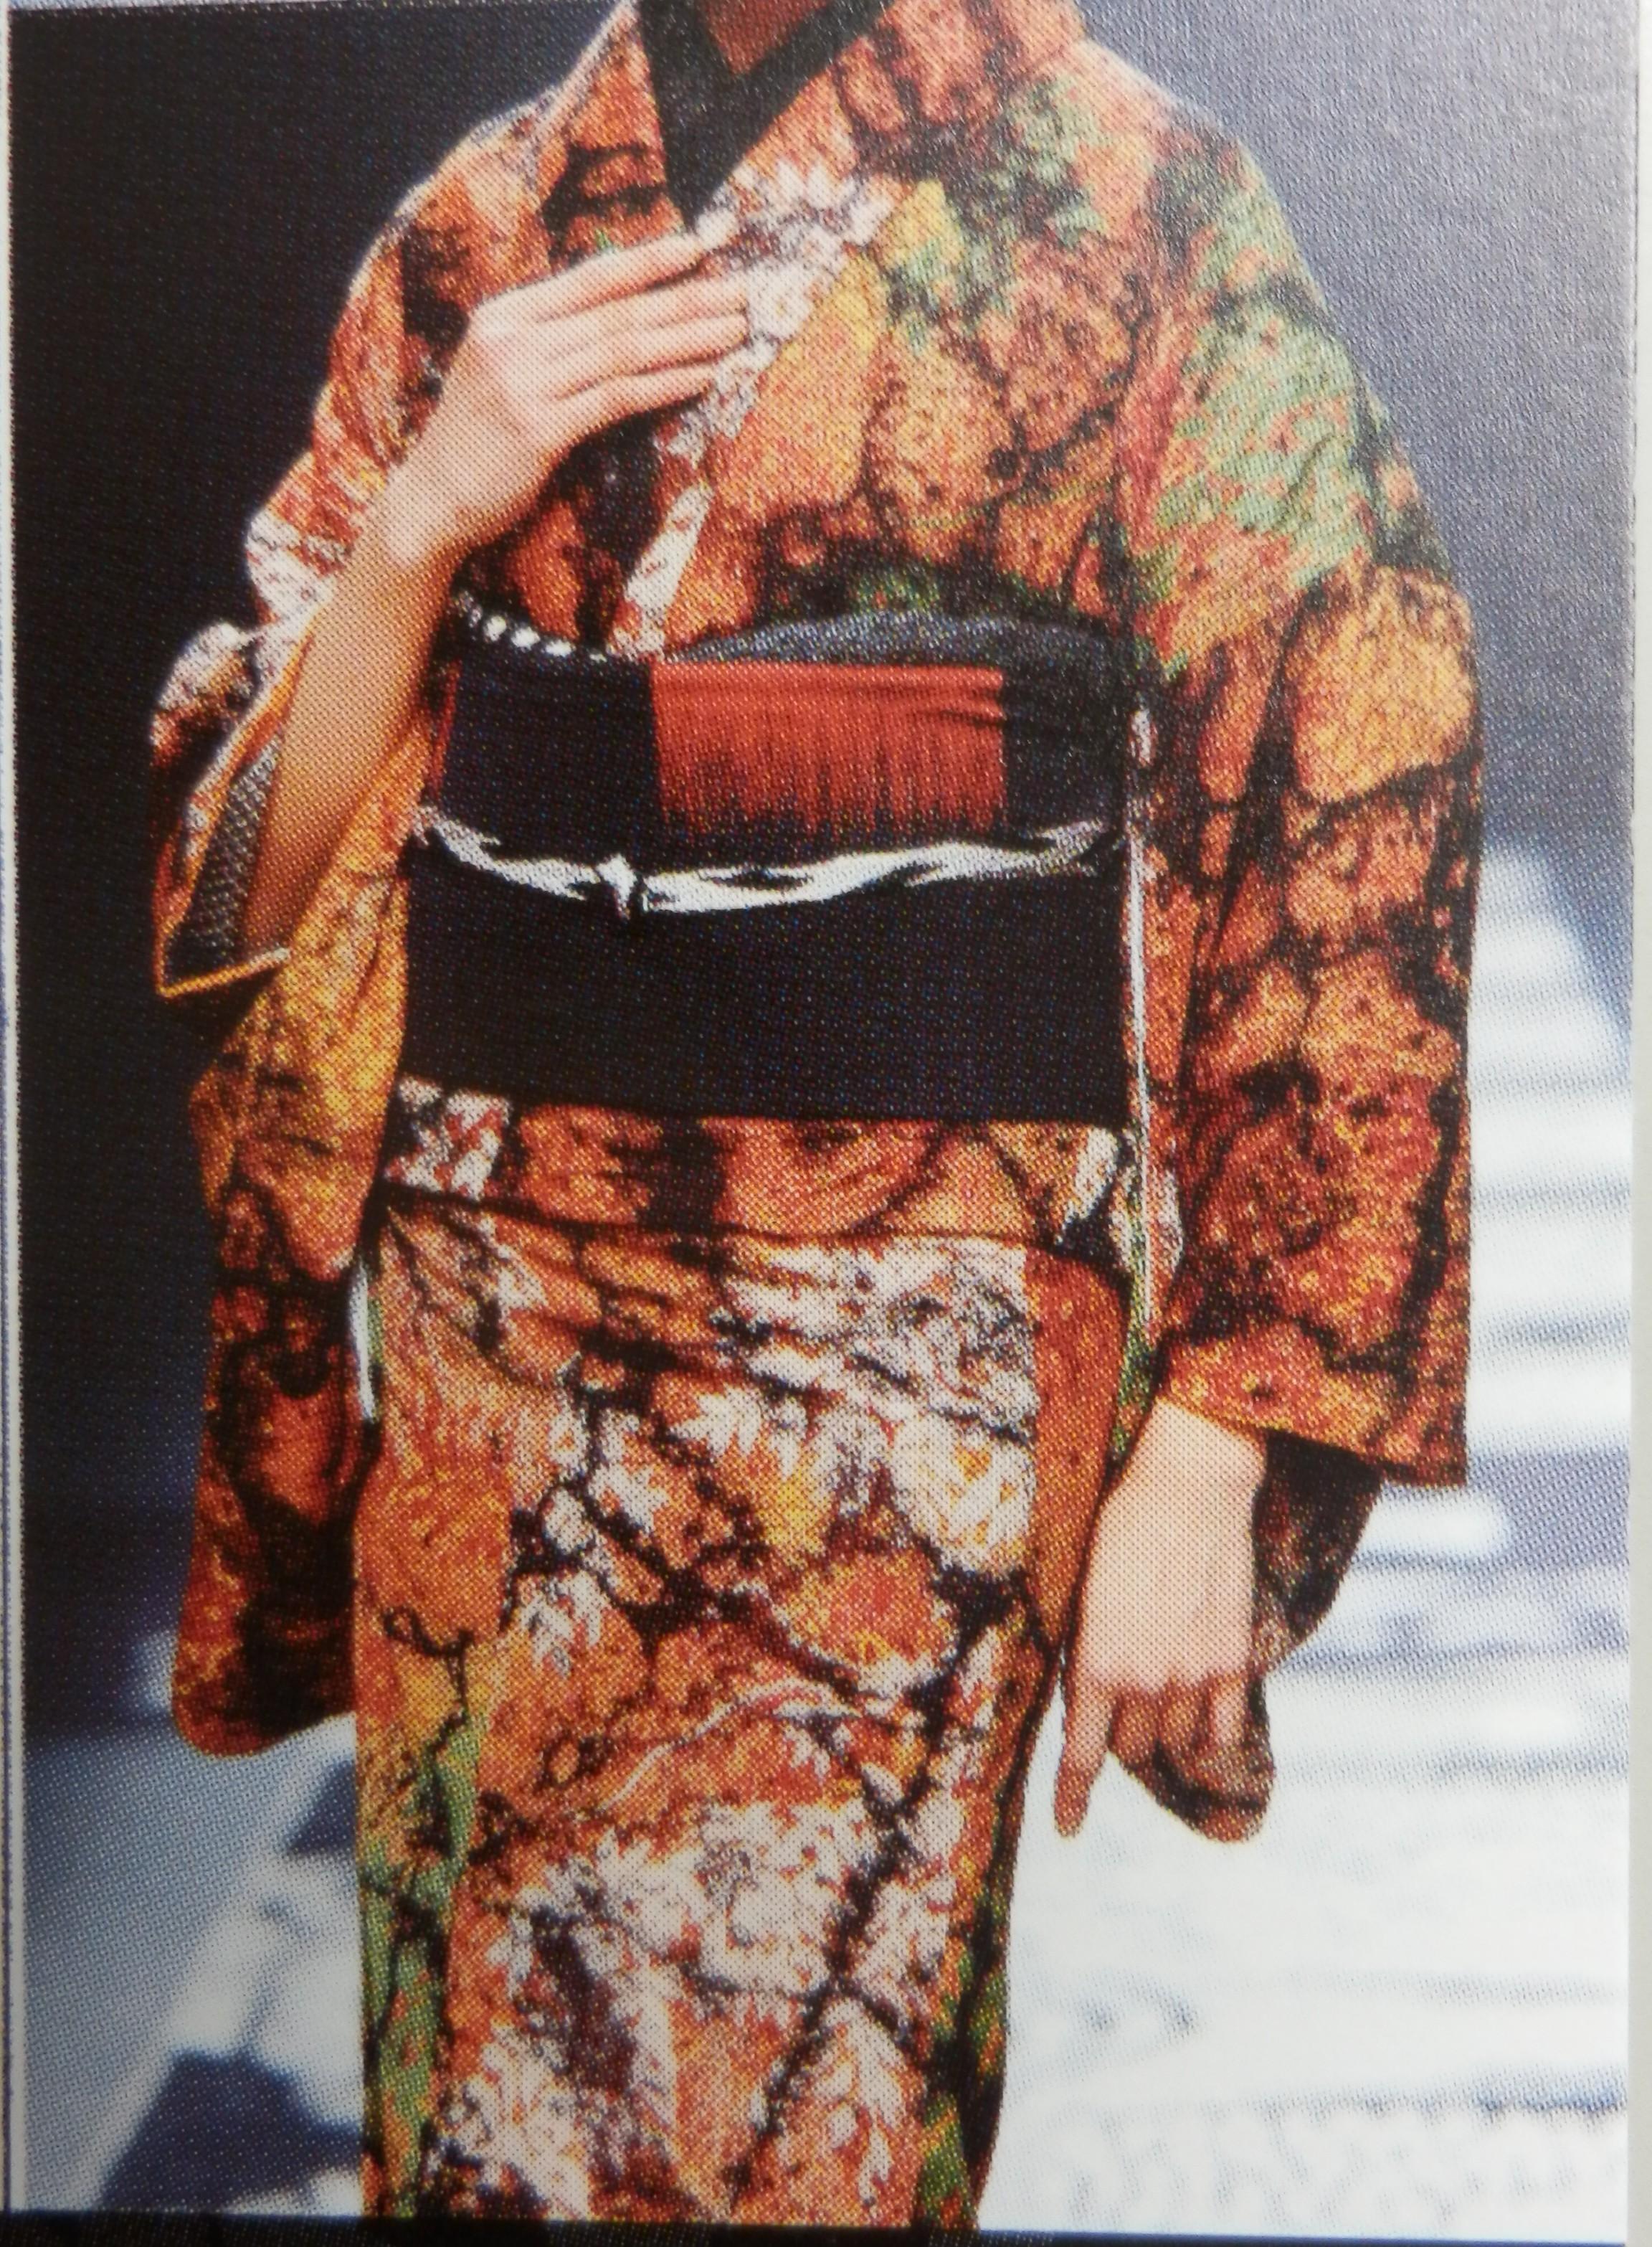 5月イベント!トヨタコレクション5月12日から15日まで。斉藤上太郎先生のお着物や誉田屋さん新作お披露目!